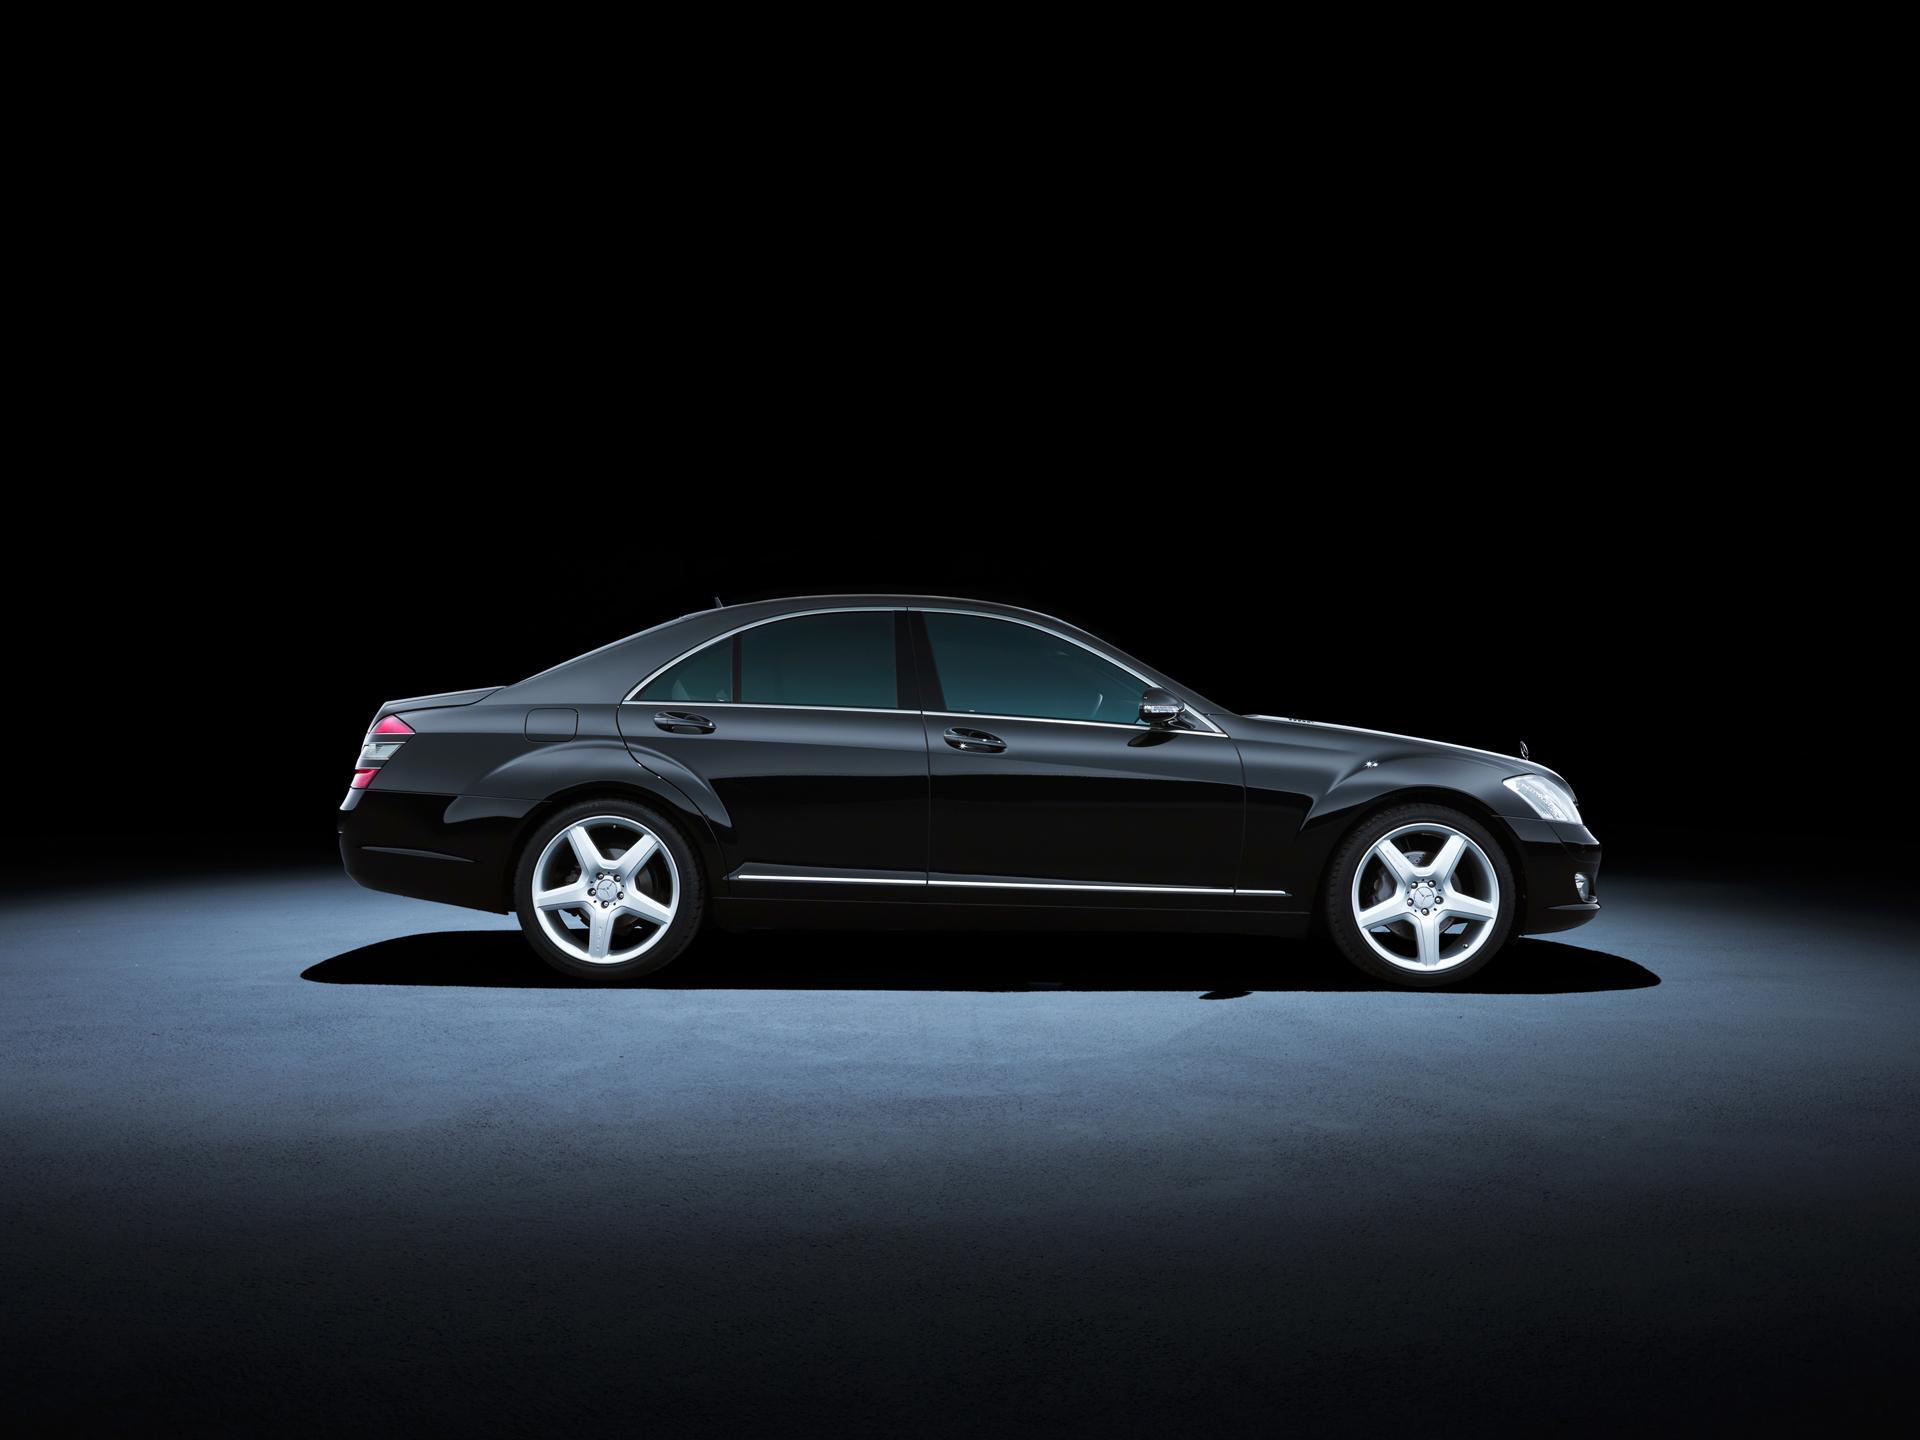 2007 mercedes benz s class image for Mercedes benz s class 2007